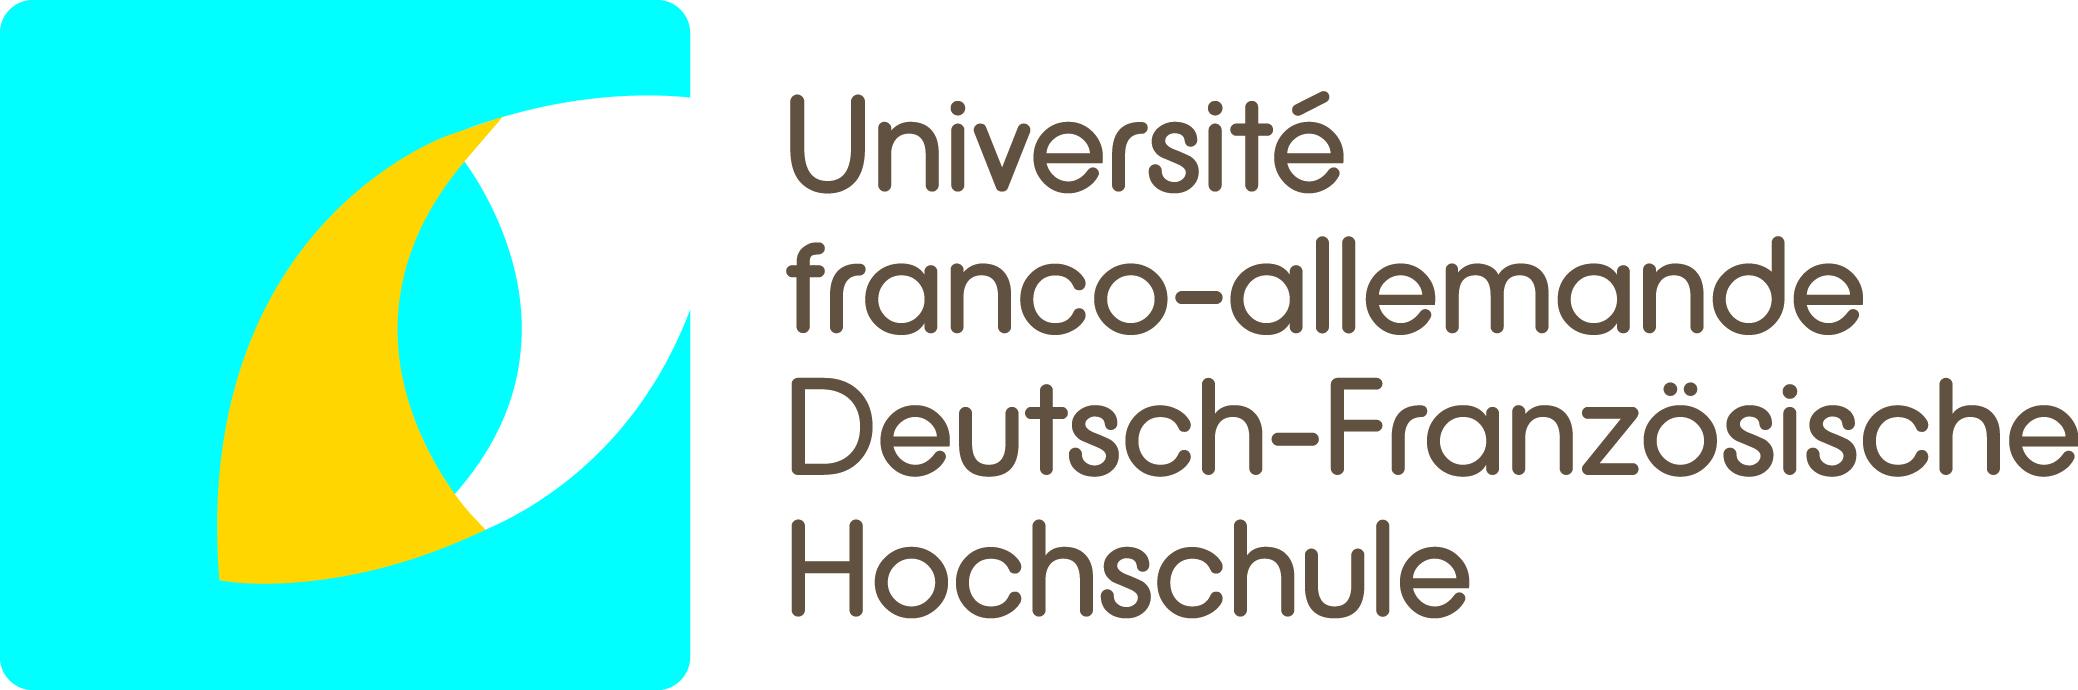 Bildergebnis für logo ufa franco allemand